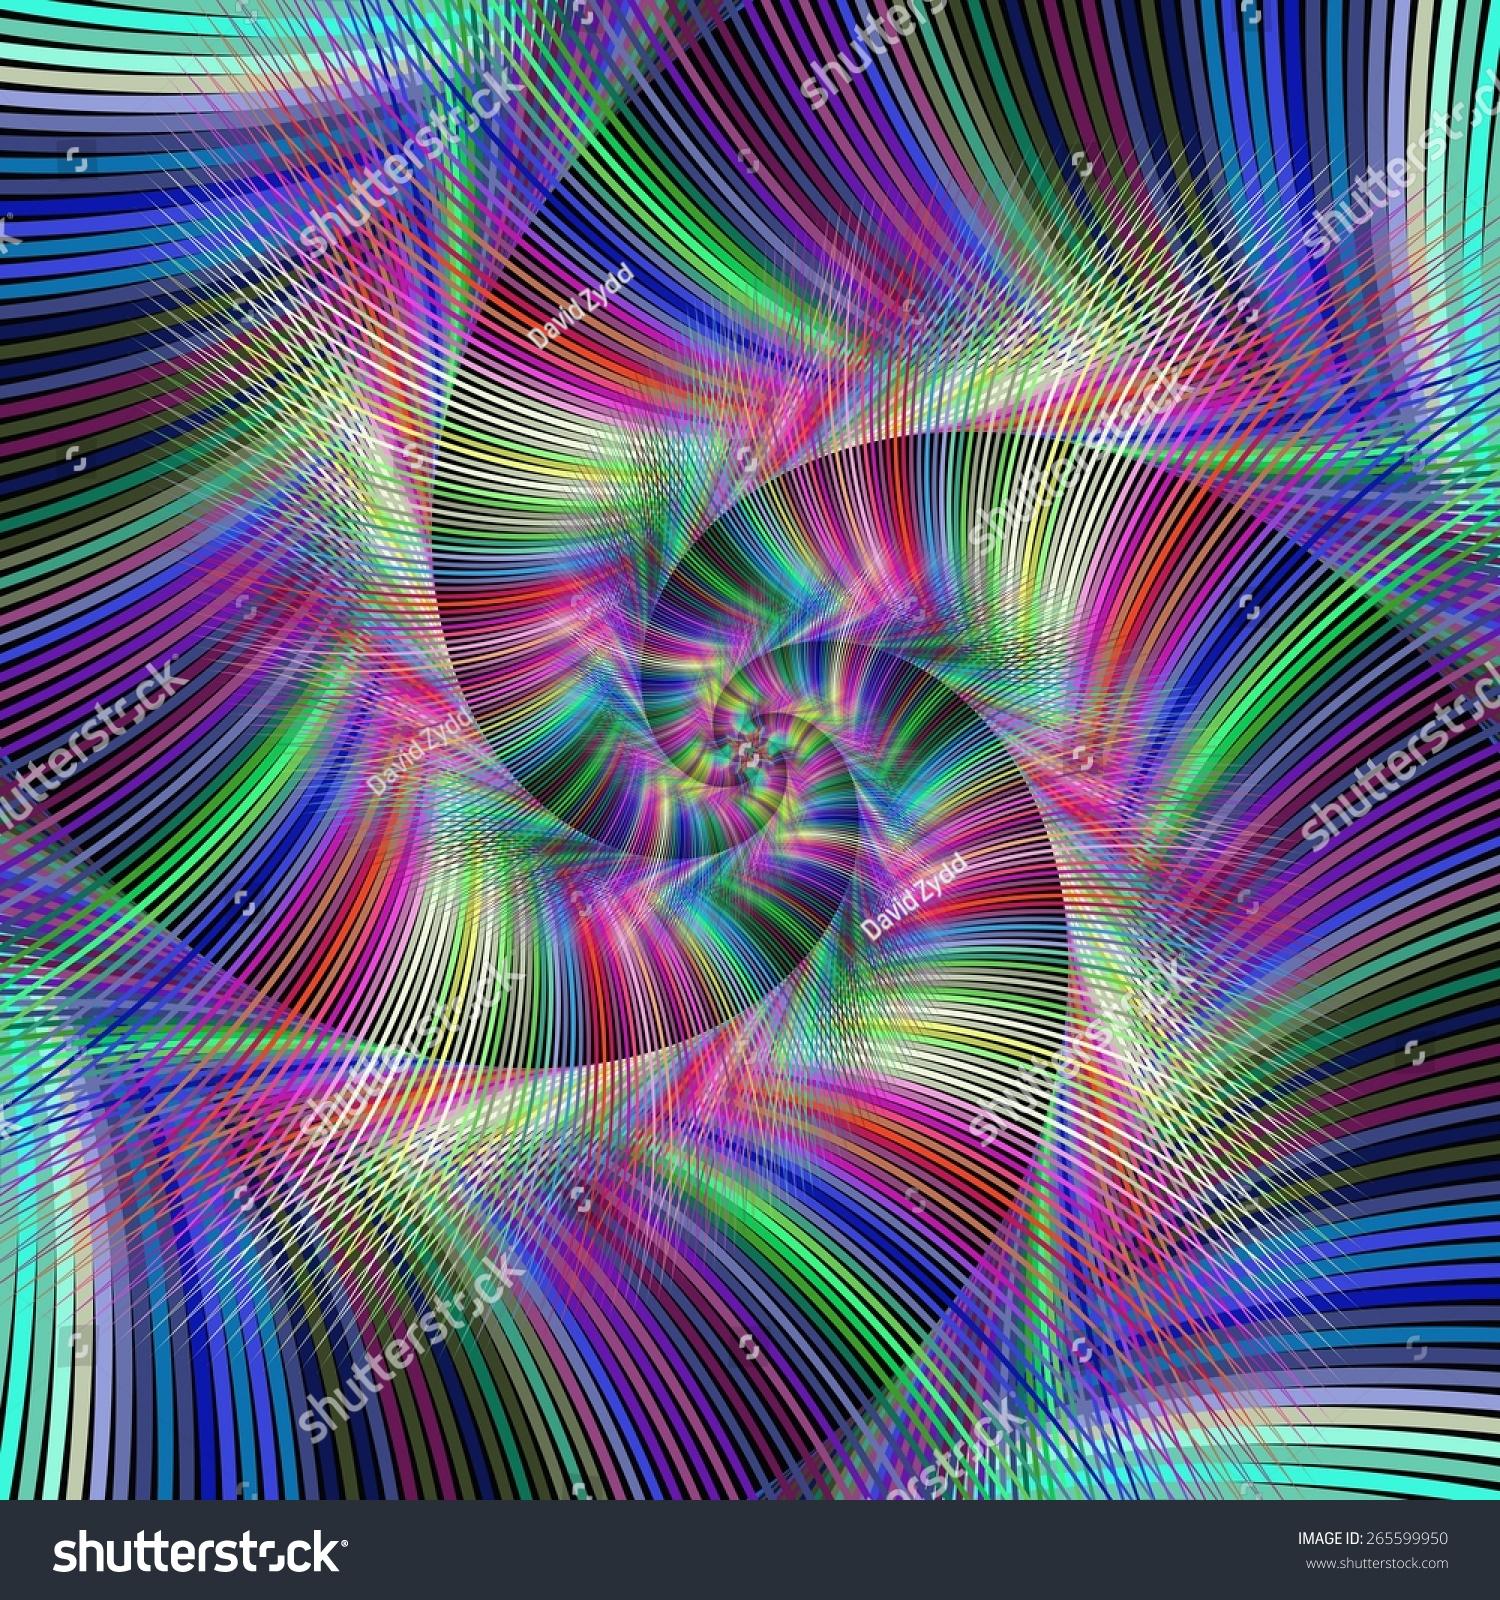 五彩缤纷的迷幻螺旋形背景设计-背景/素材,抽象-海洛